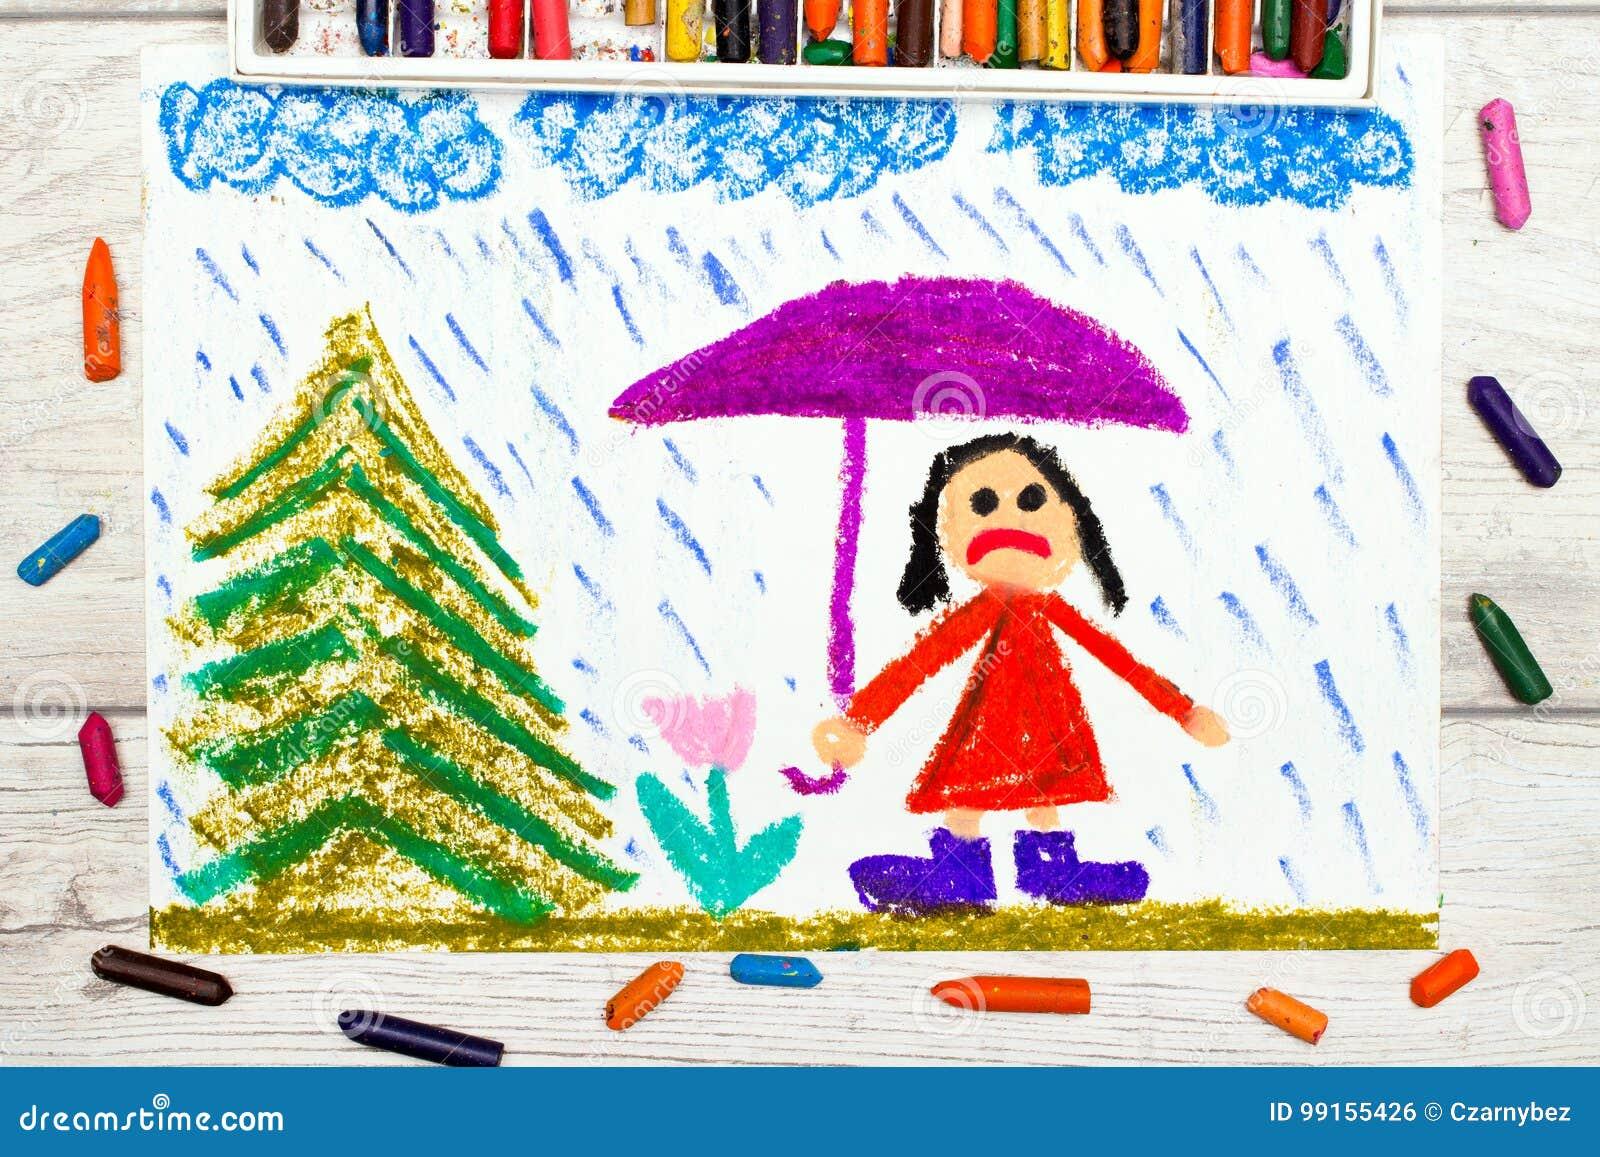 Dessin Temps Pluvieux Et Petite Fille Triste Tenant Le